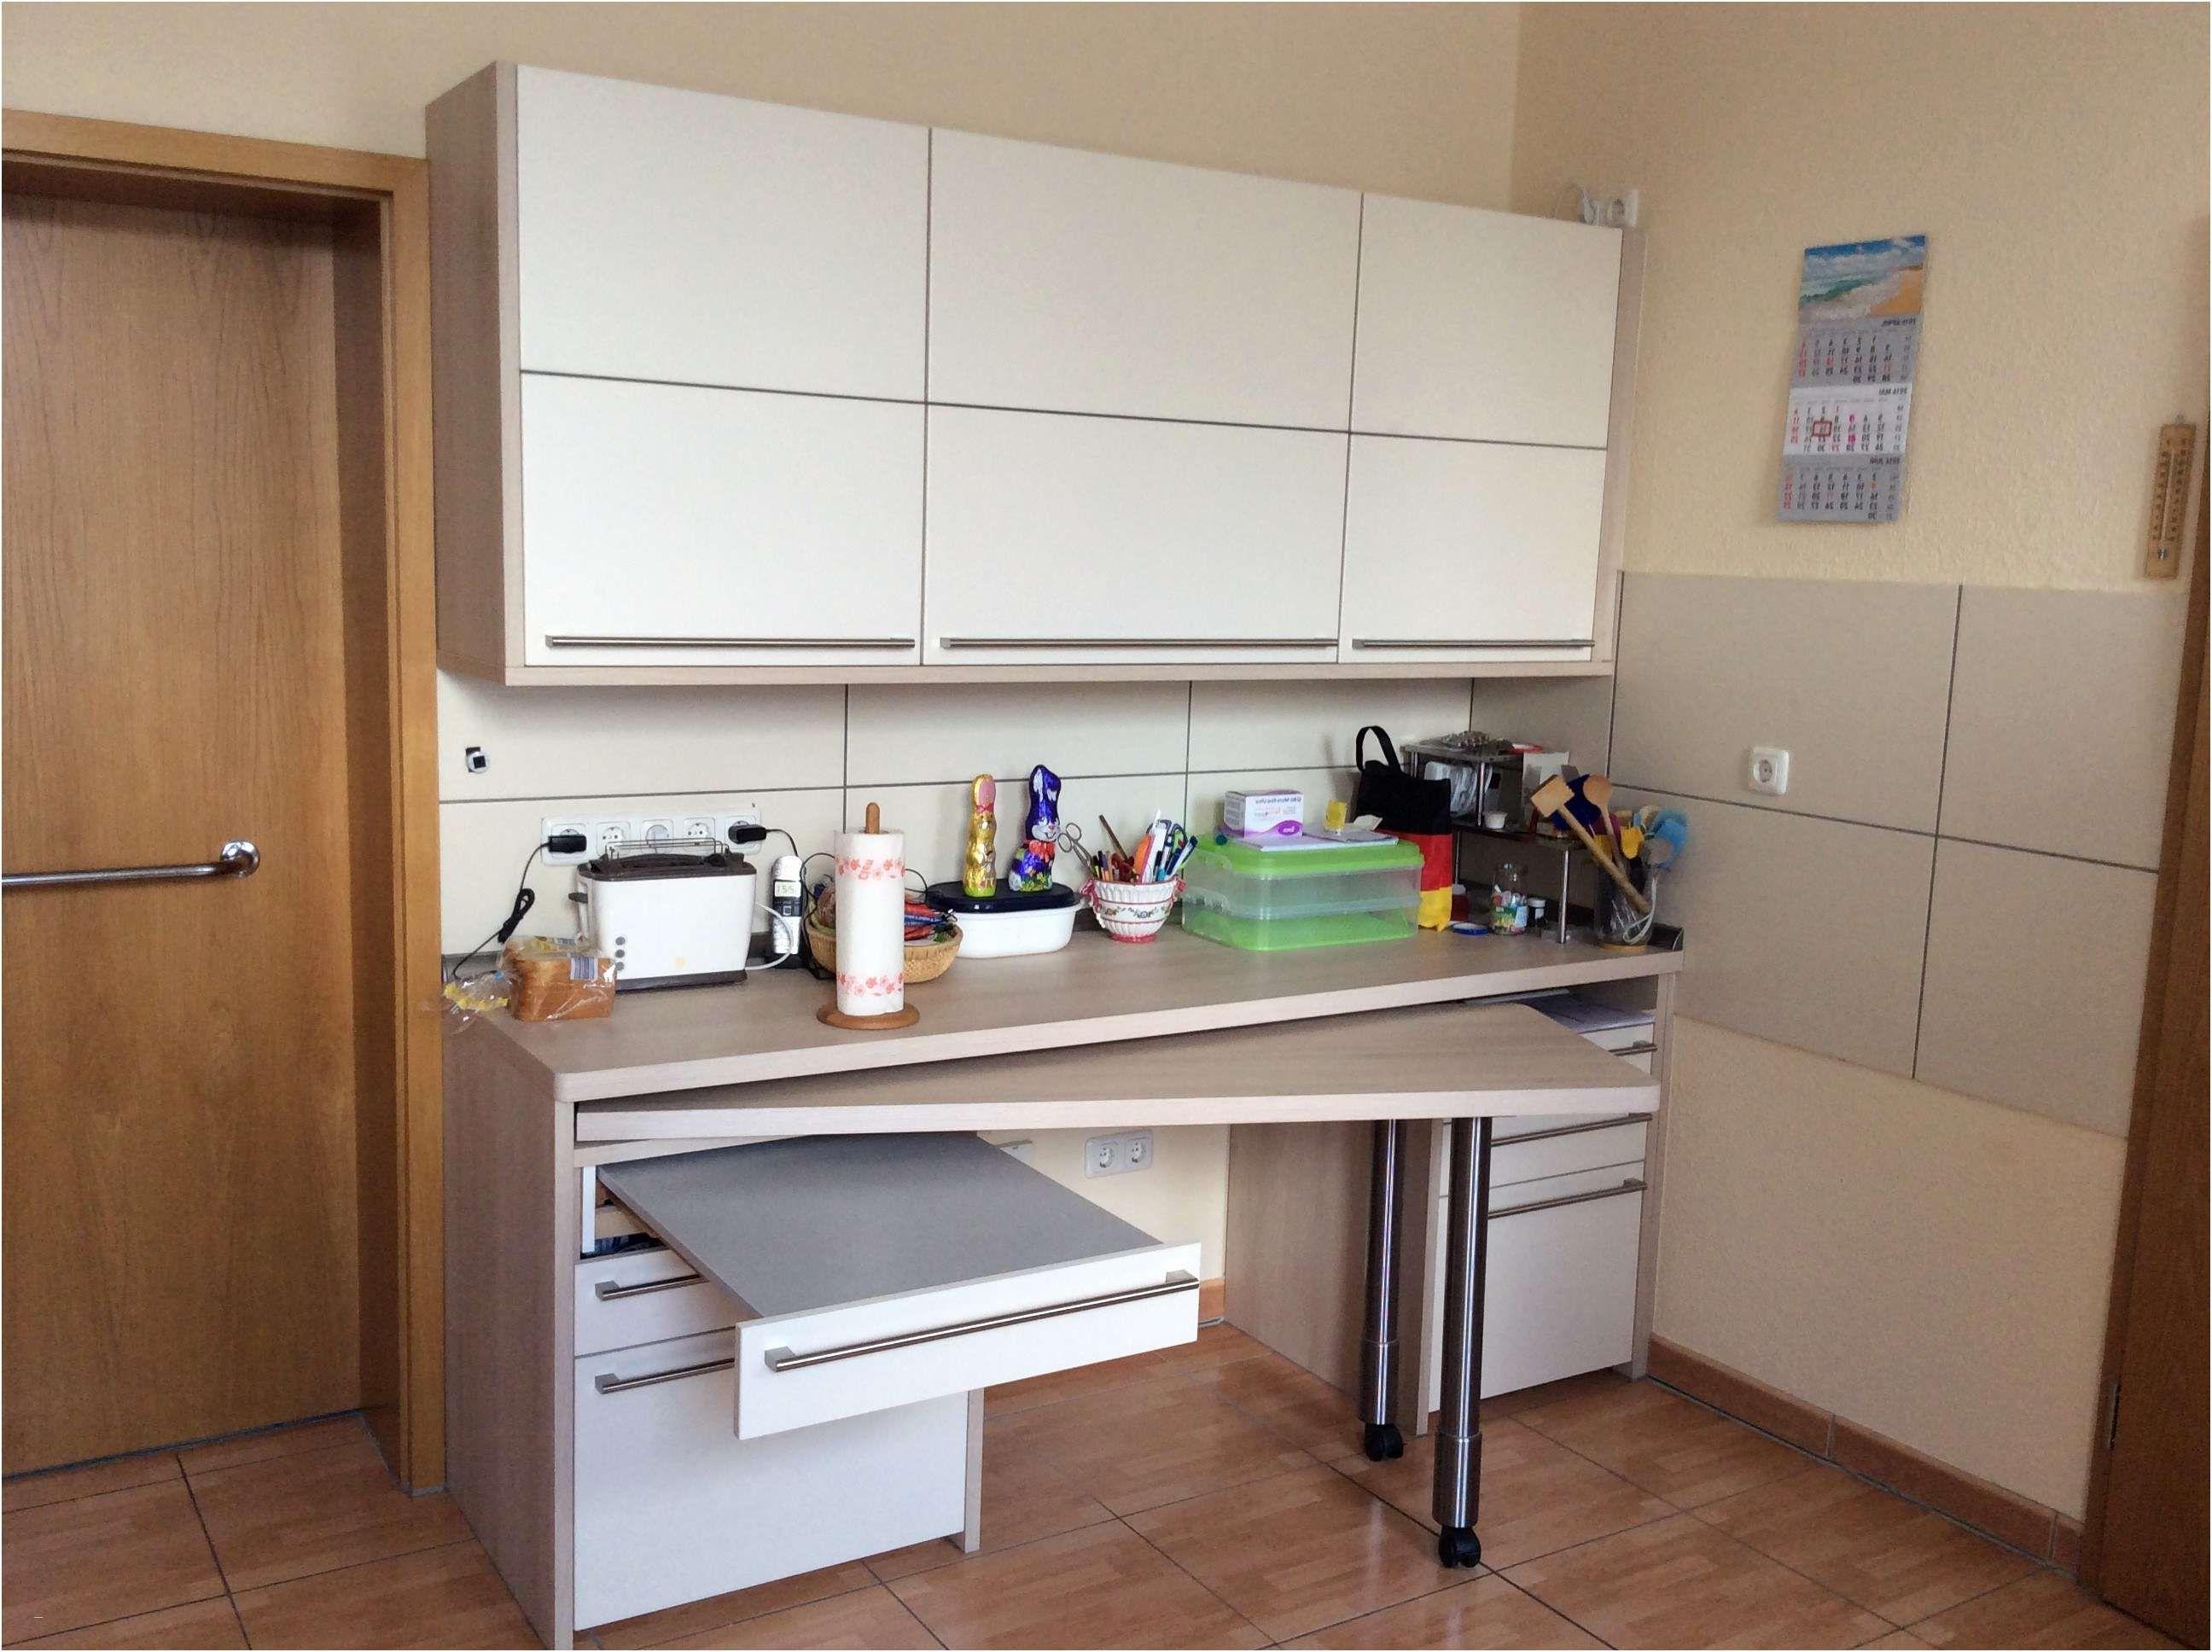 Ikea Günstige Küche Schön Küche Platzsparend Einrichten Best ...